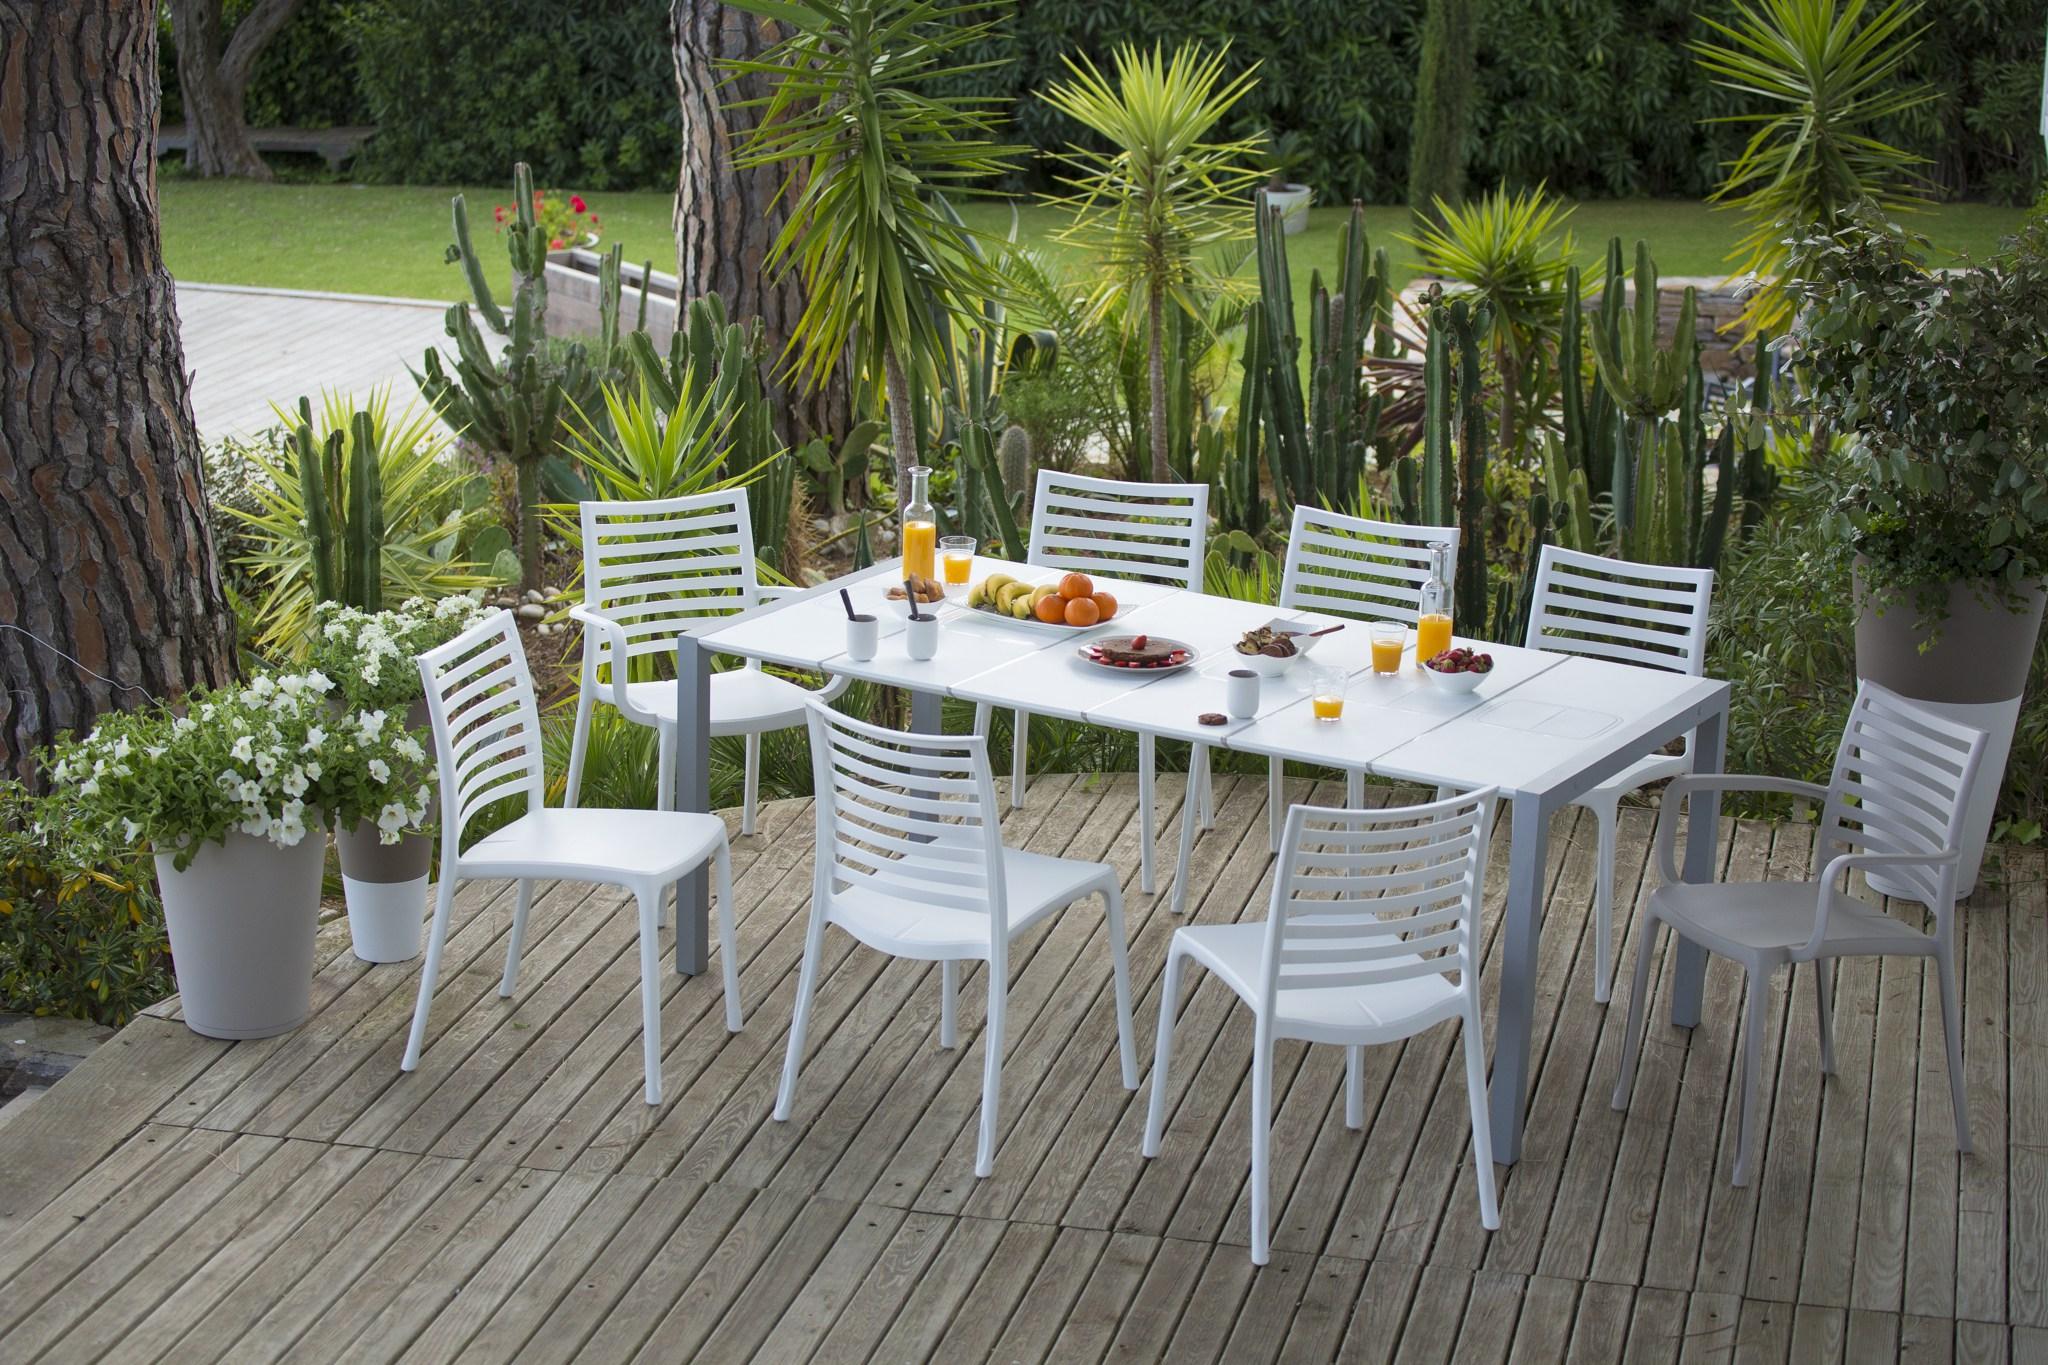 salon de jardin grosfillex sunday jardin. Black Bedroom Furniture Sets. Home Design Ideas